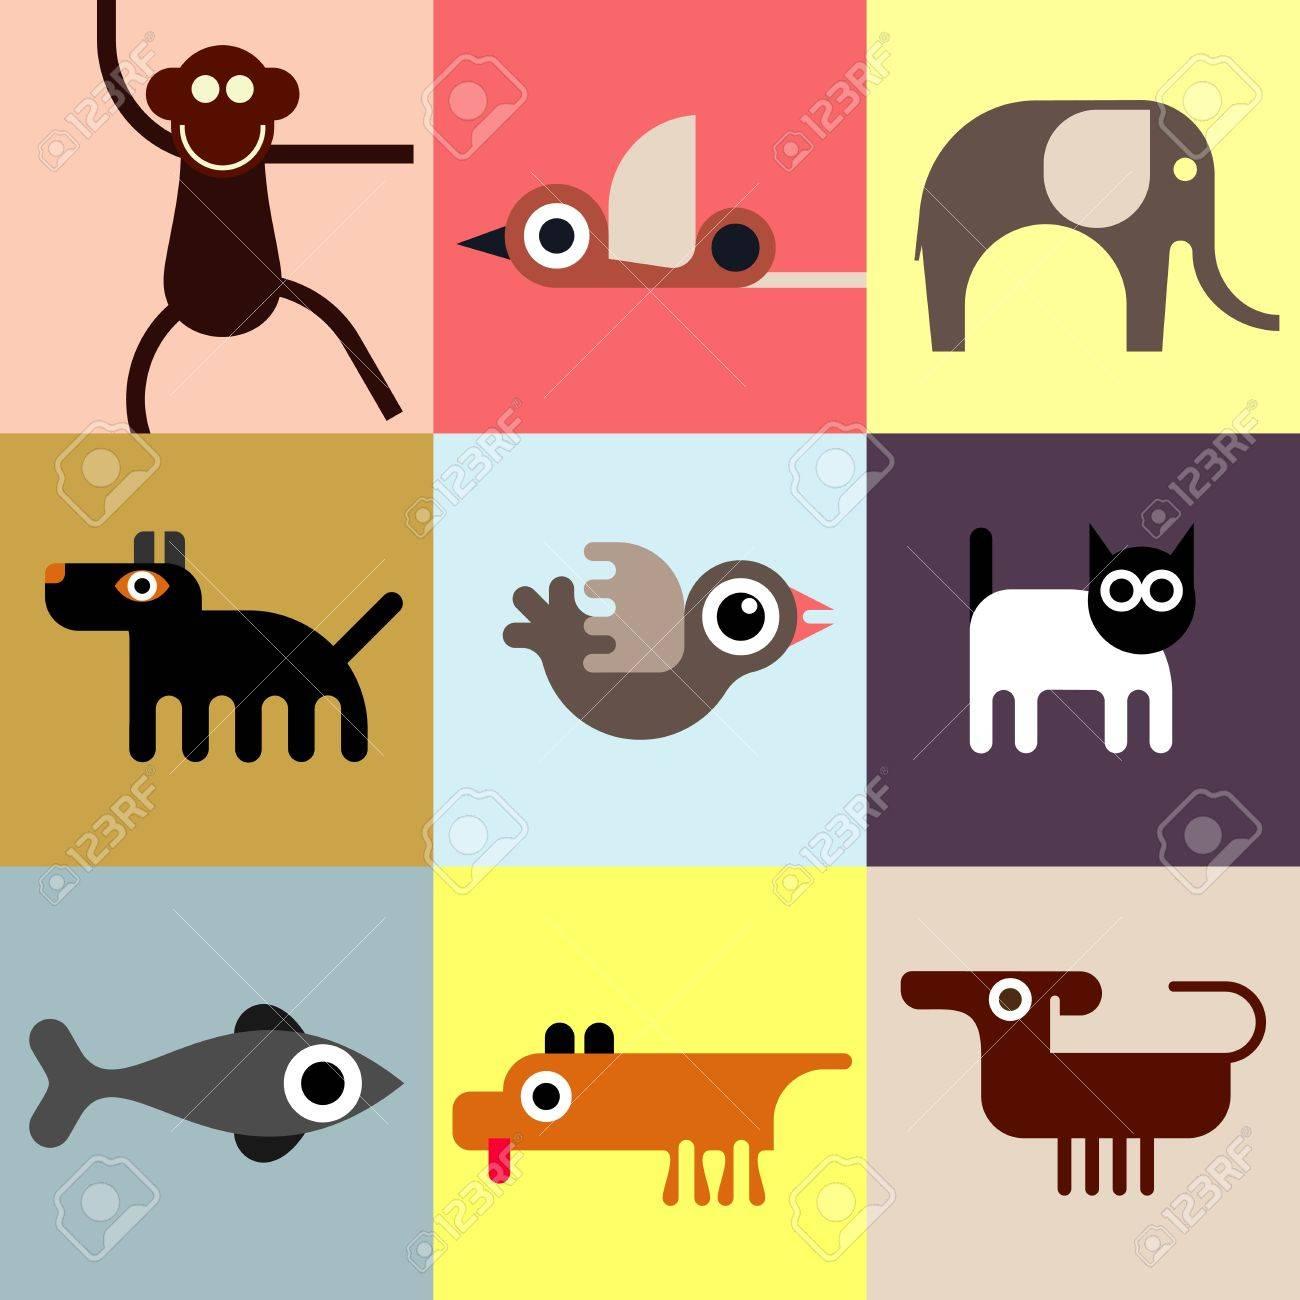 動物やペット アイコンのセット シームレスな壁紙 家畜と野生動物